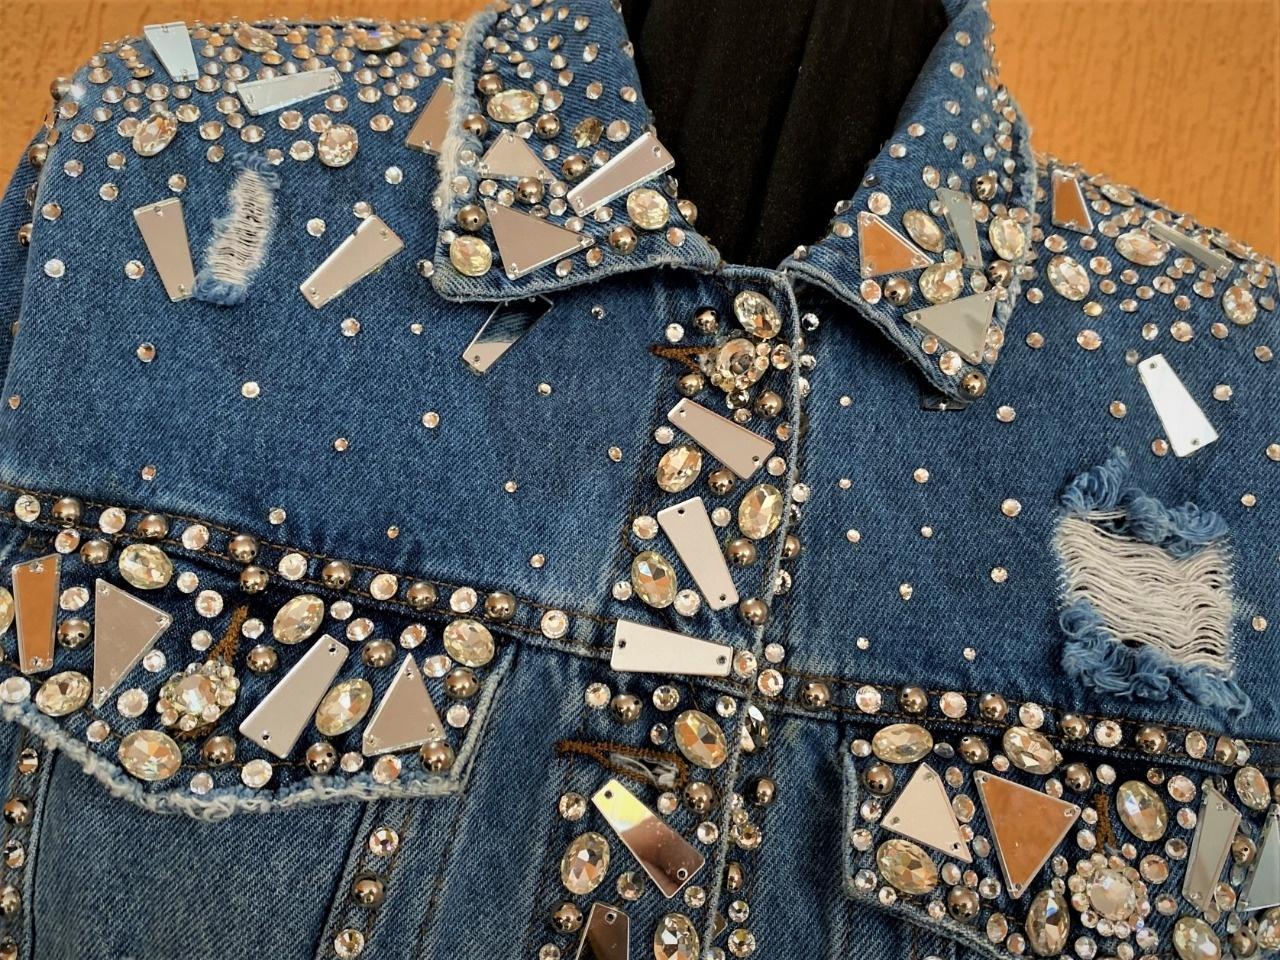 Jaqueta jeans da marca Michelly X - Divulgação